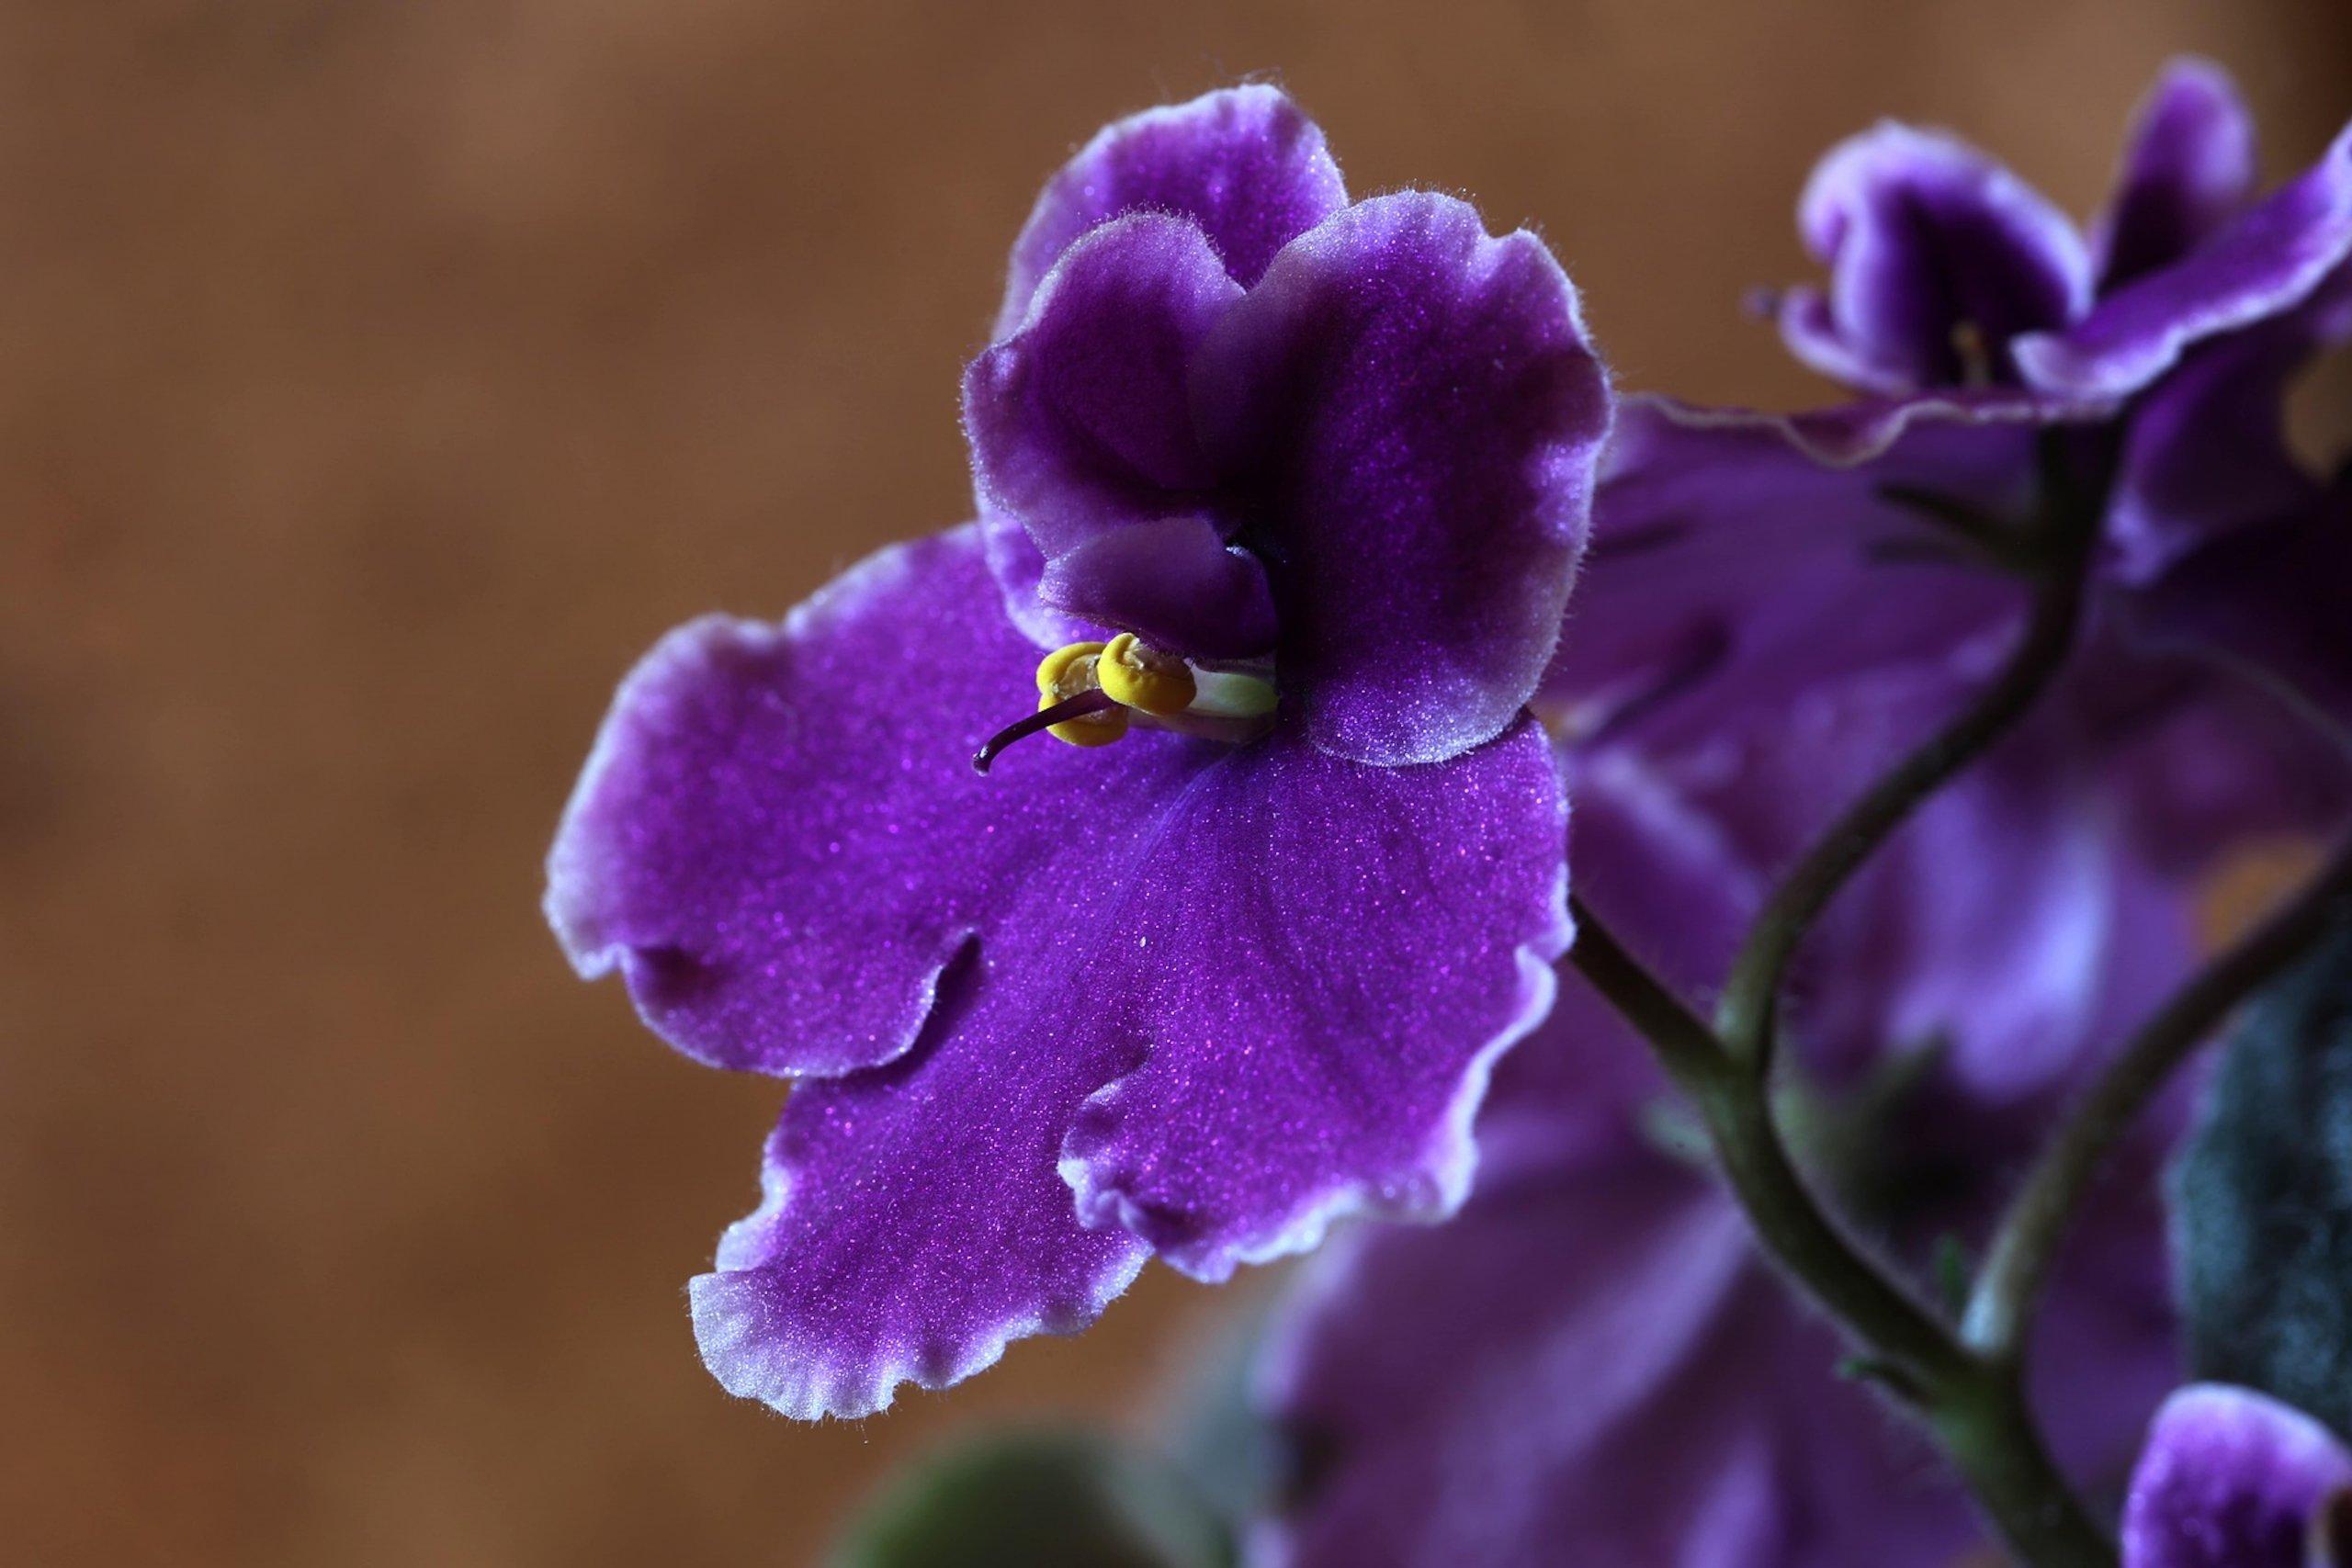 Kdo by nemiloval africké fialky? Se svými barevnými květy a sametovými listy zkrášlí okenní parapet i ve chvíli, kdy za okny vládne sychravé počasí. V 19. století je z Afriky do Evropy přivezl baron Walter von Saint Paul-Illair. U nás tak pod jeho jménem dělají radost dodnes. Saintpaulia ionantha přitom vůbec není náročná na pěstování. Stačí trocha péče - a záplava pestrobarevných květů ozdobí i vaše okna.